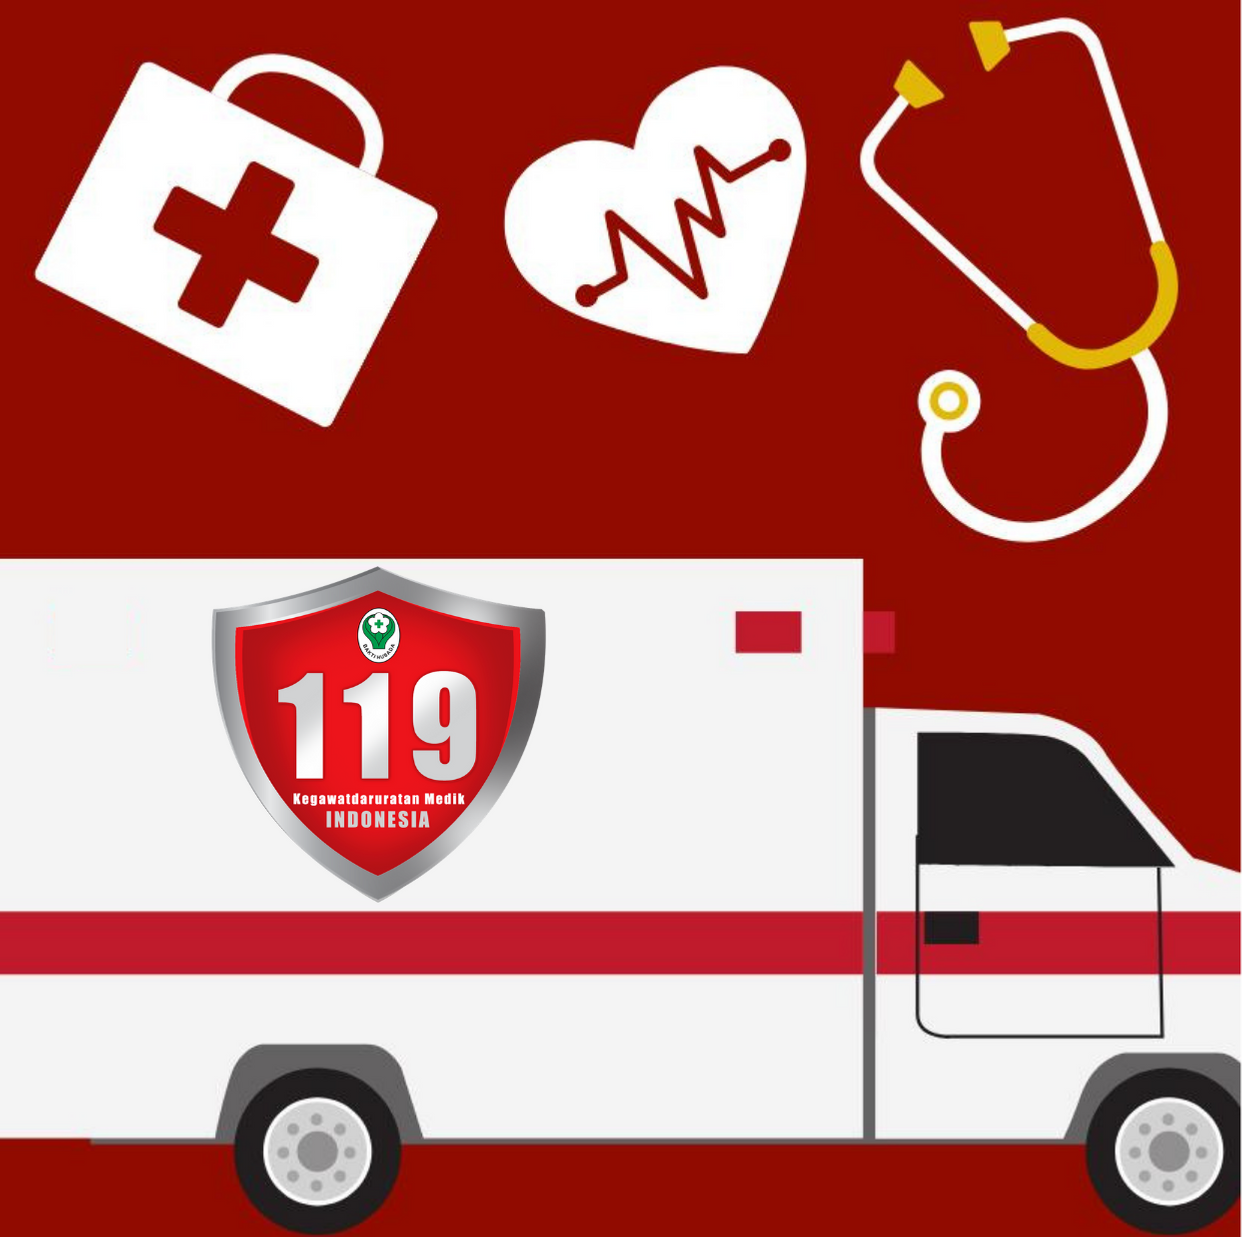 https://www.infomedia.co.id/wp-content/uploads/2020/10/119-Ambulance.png